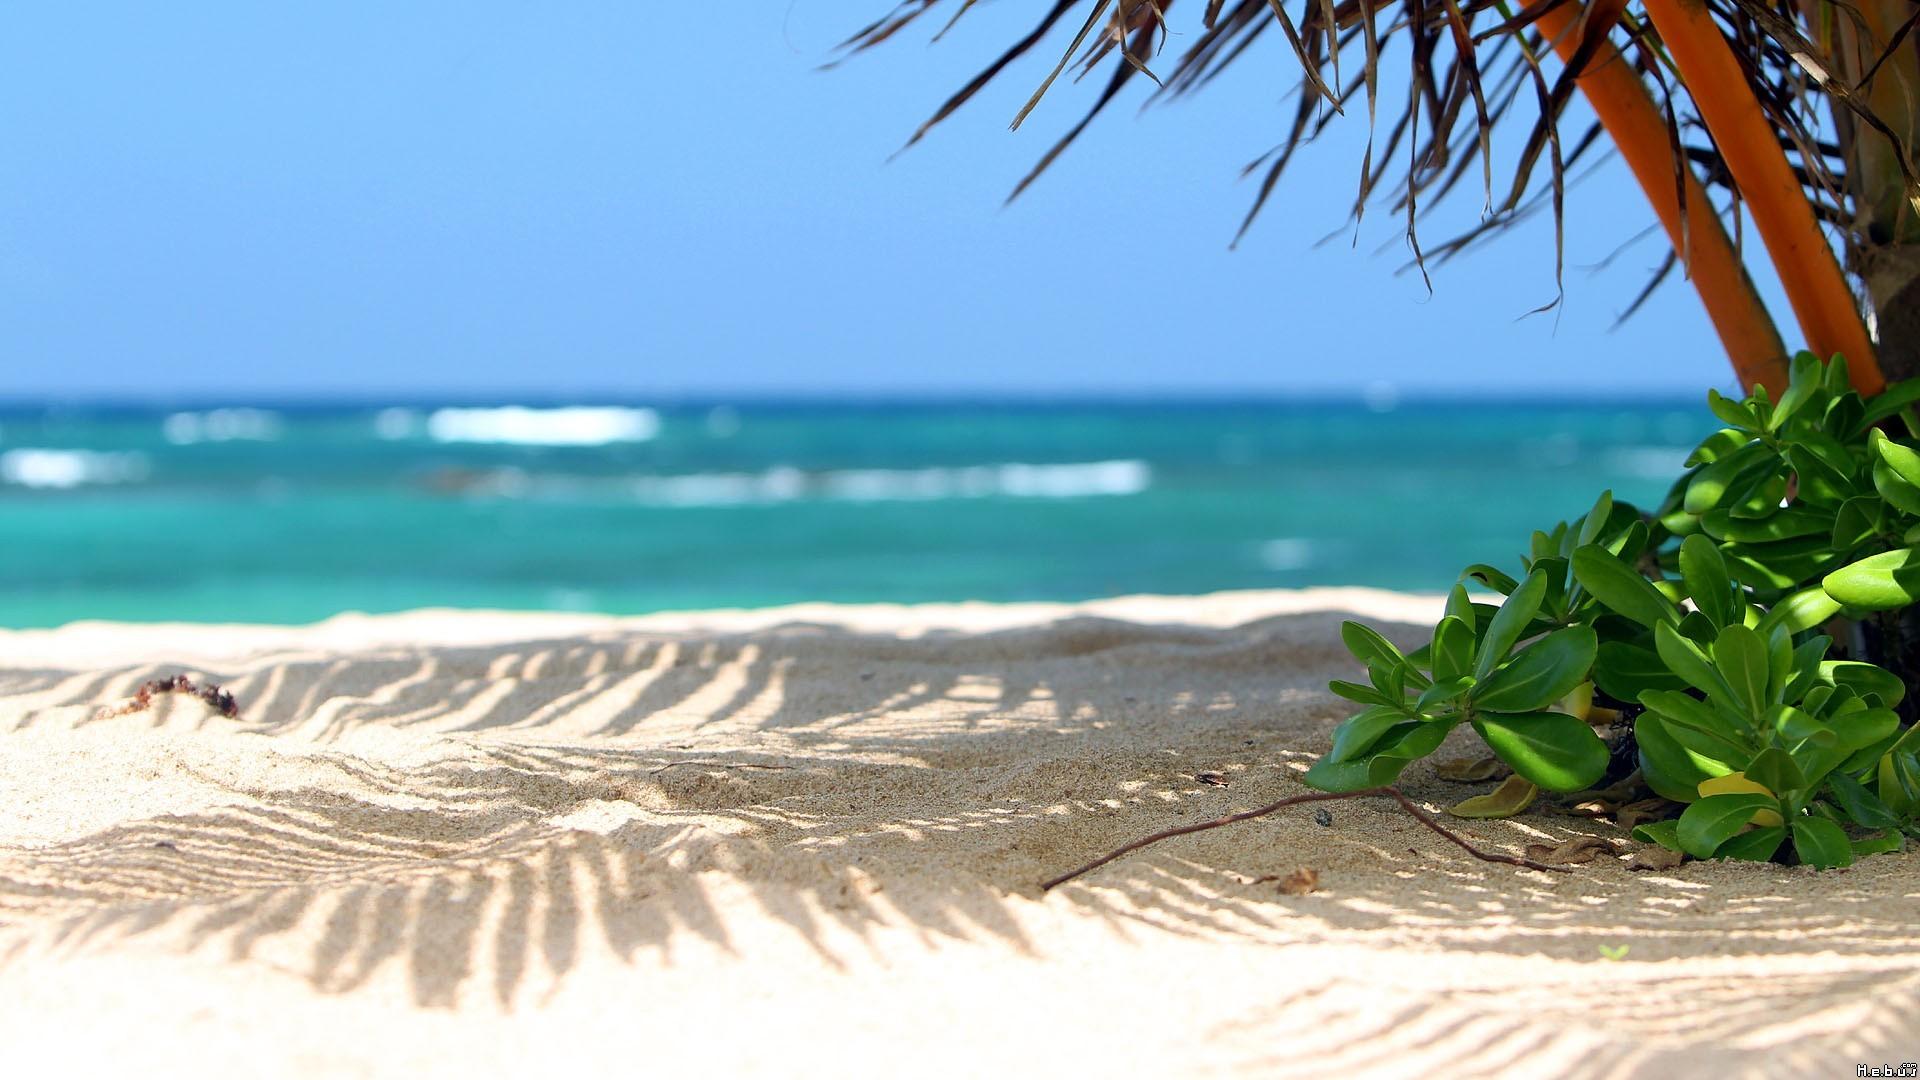 beautiful-beach-scenery-1.jpg (1920×1080) | Scenery Board | Pinterest |  Wallpaper and Hd desktop